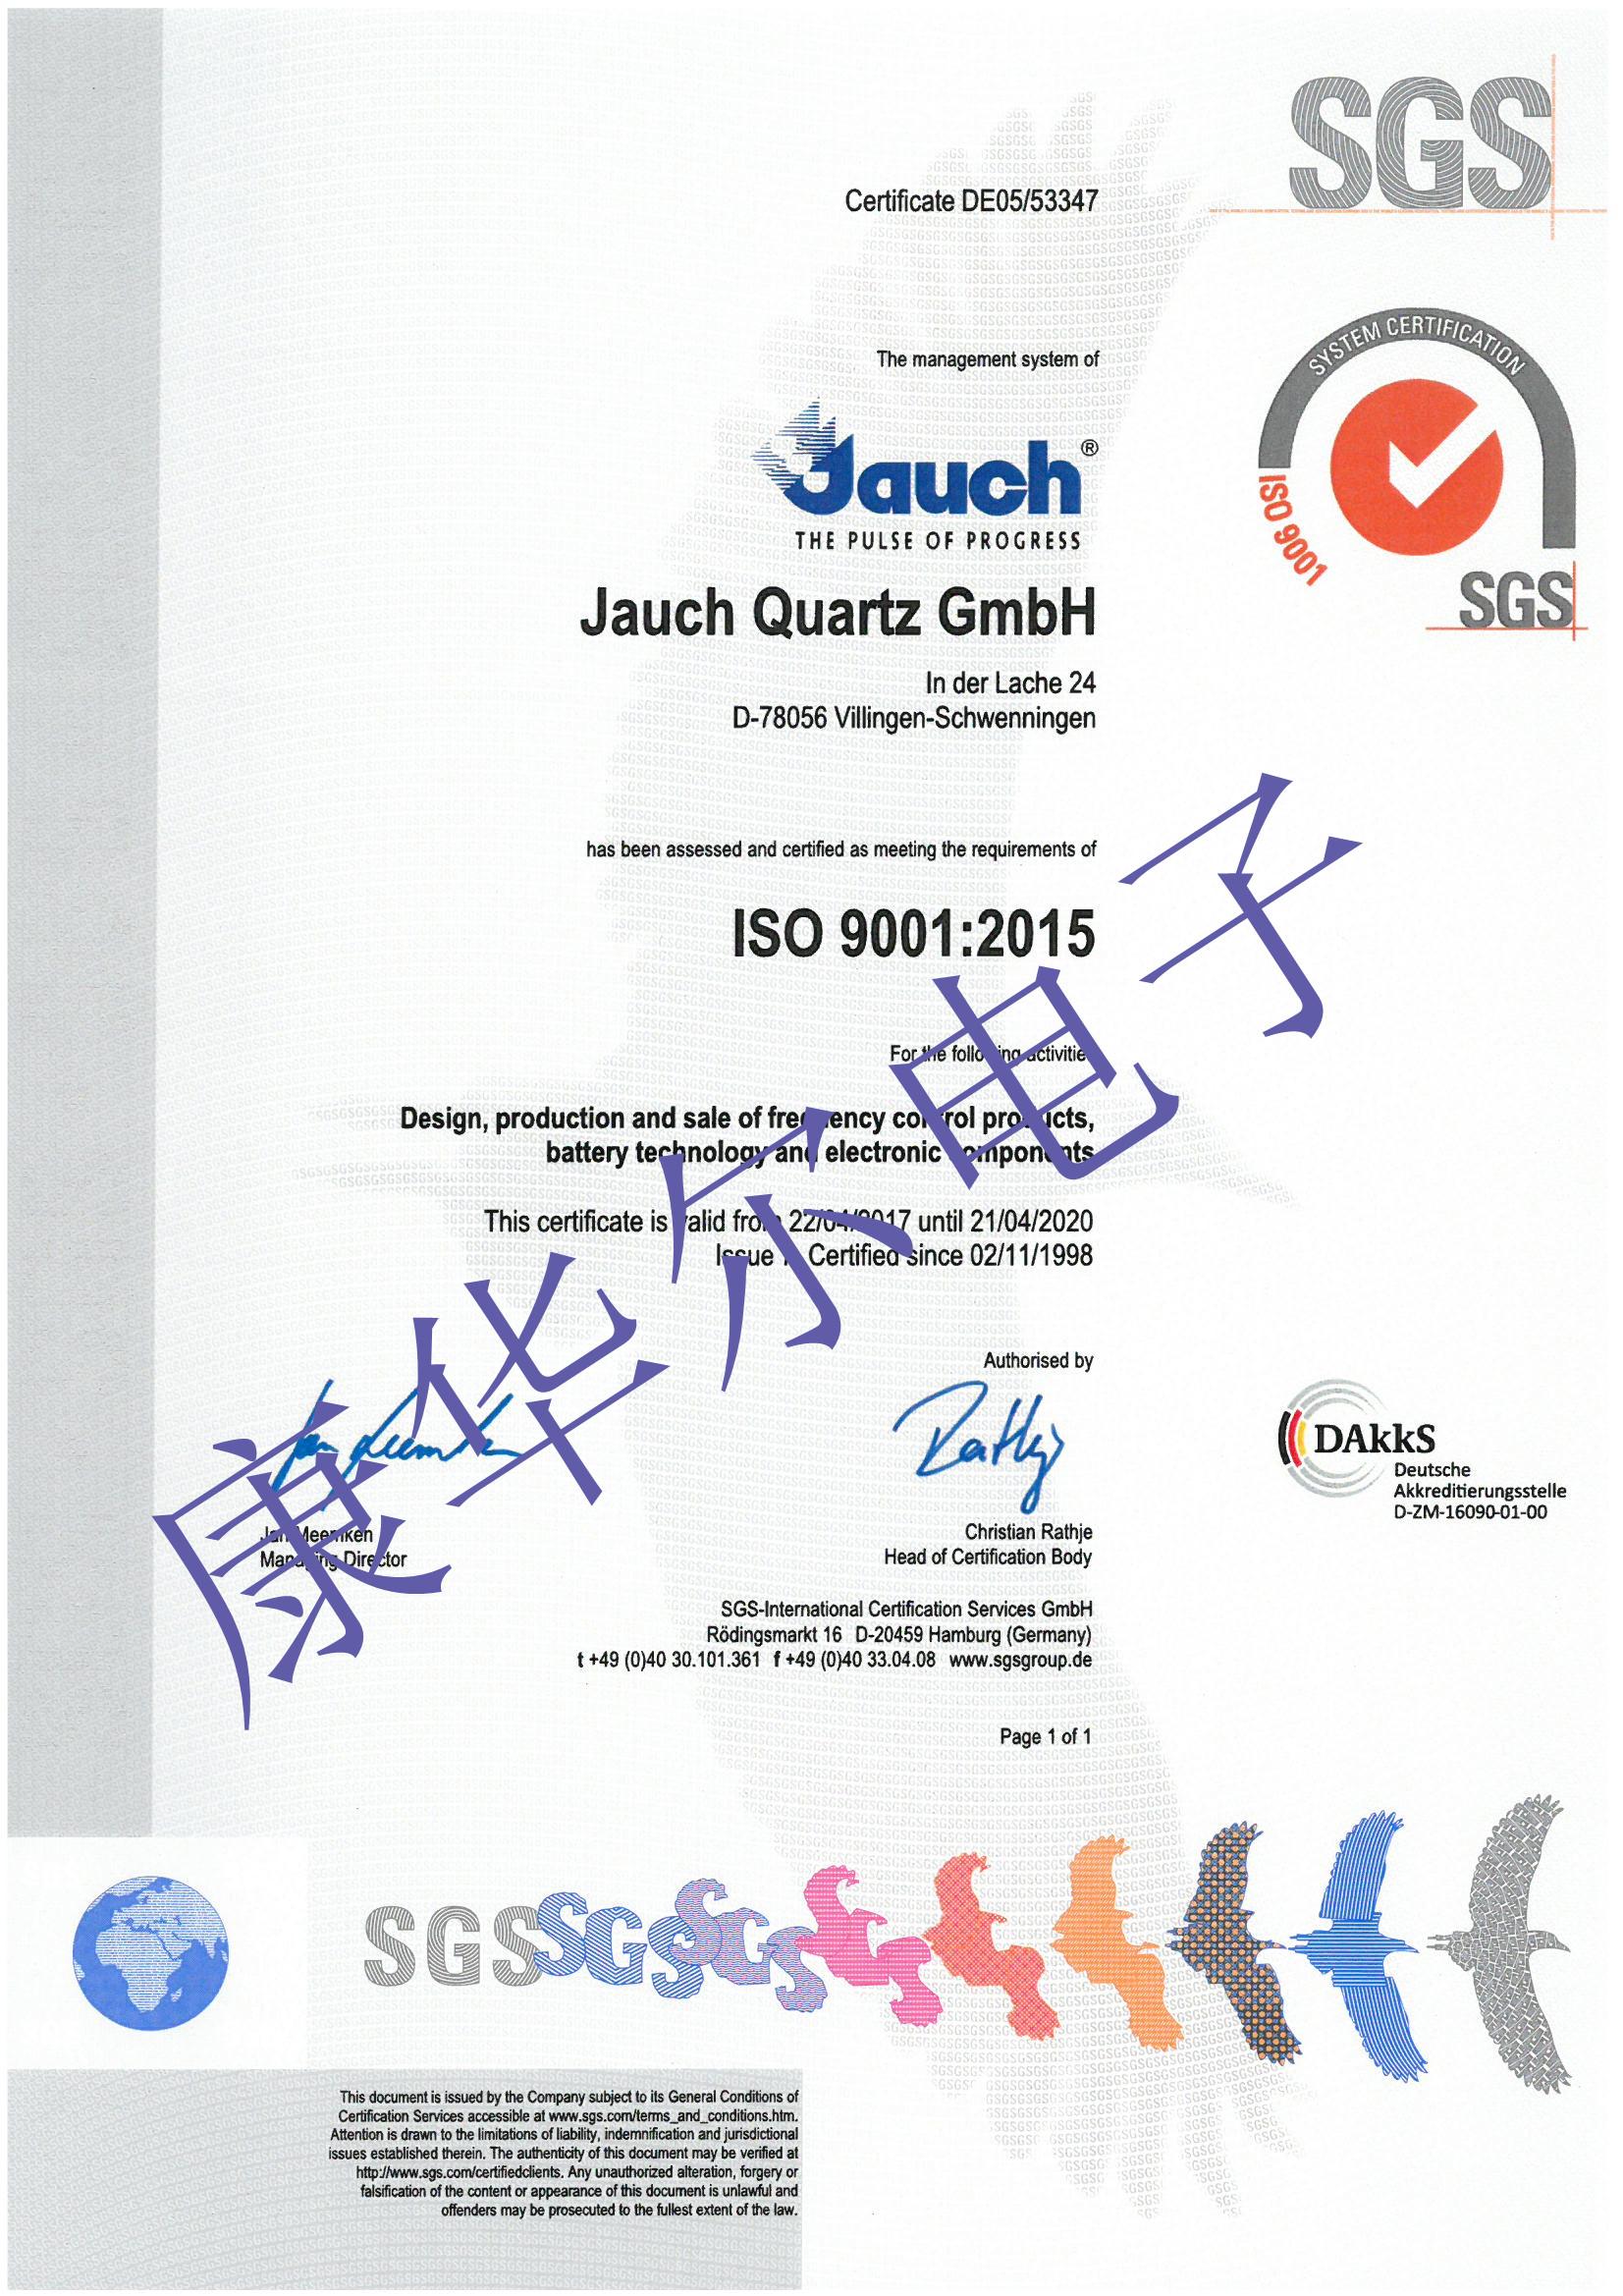 德国Jauch晶振严格的质量管理获得ISO9001认可